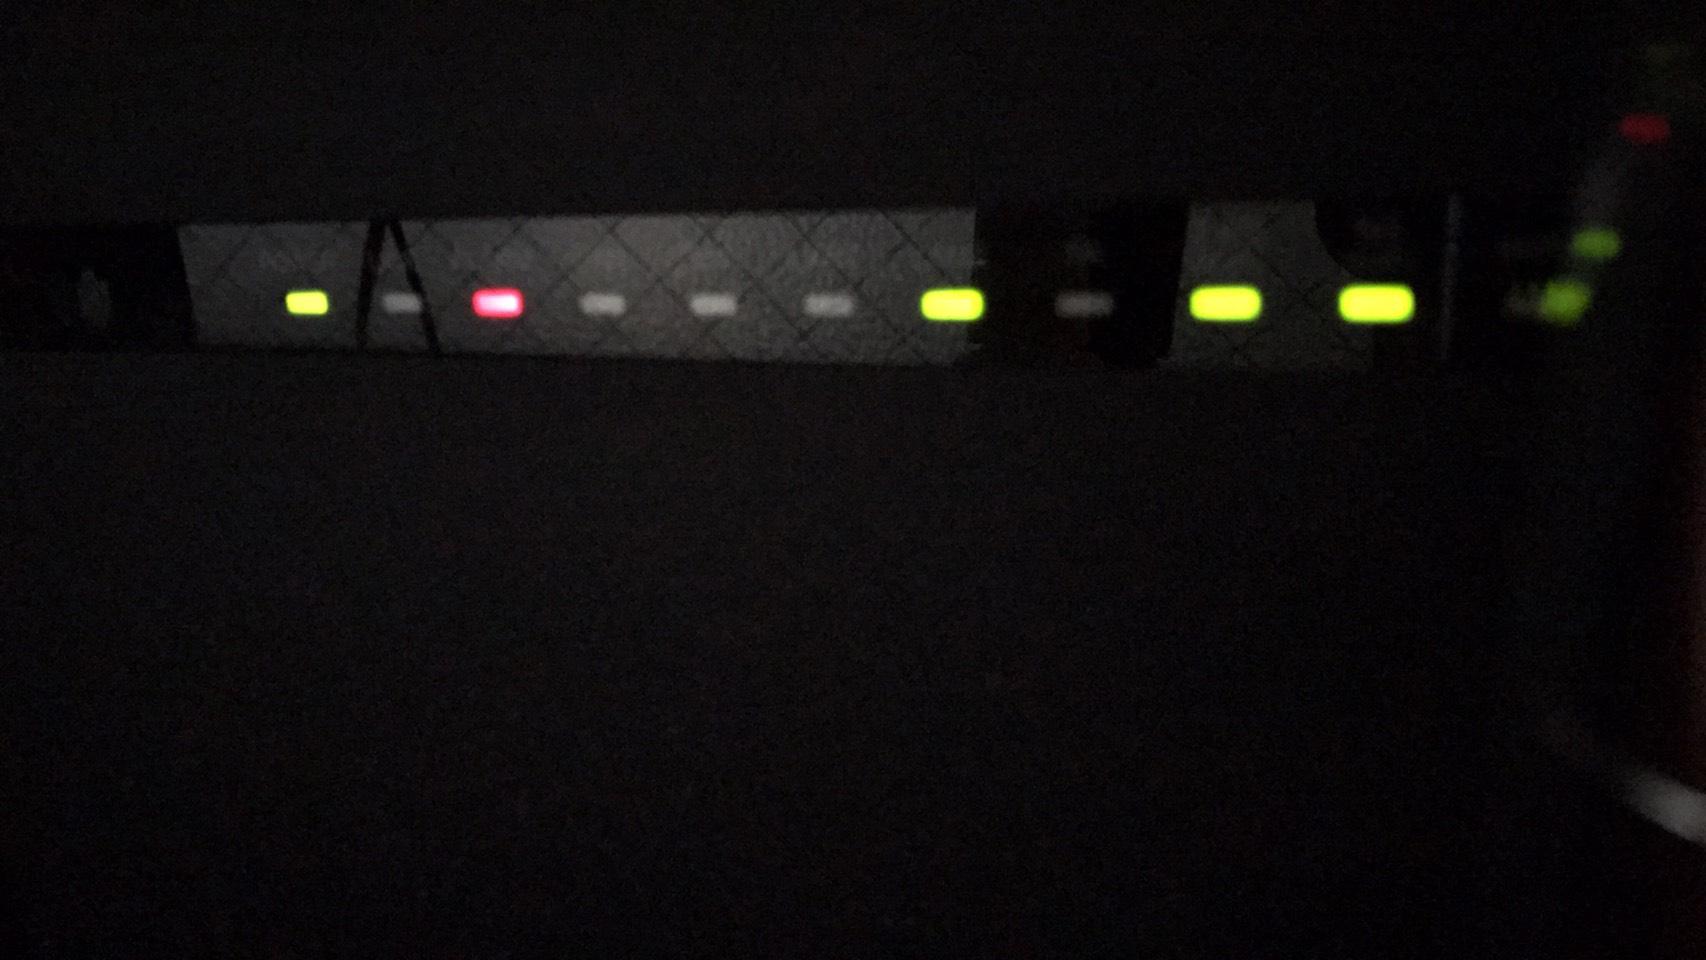 hg8045q ファームウェア アップデート